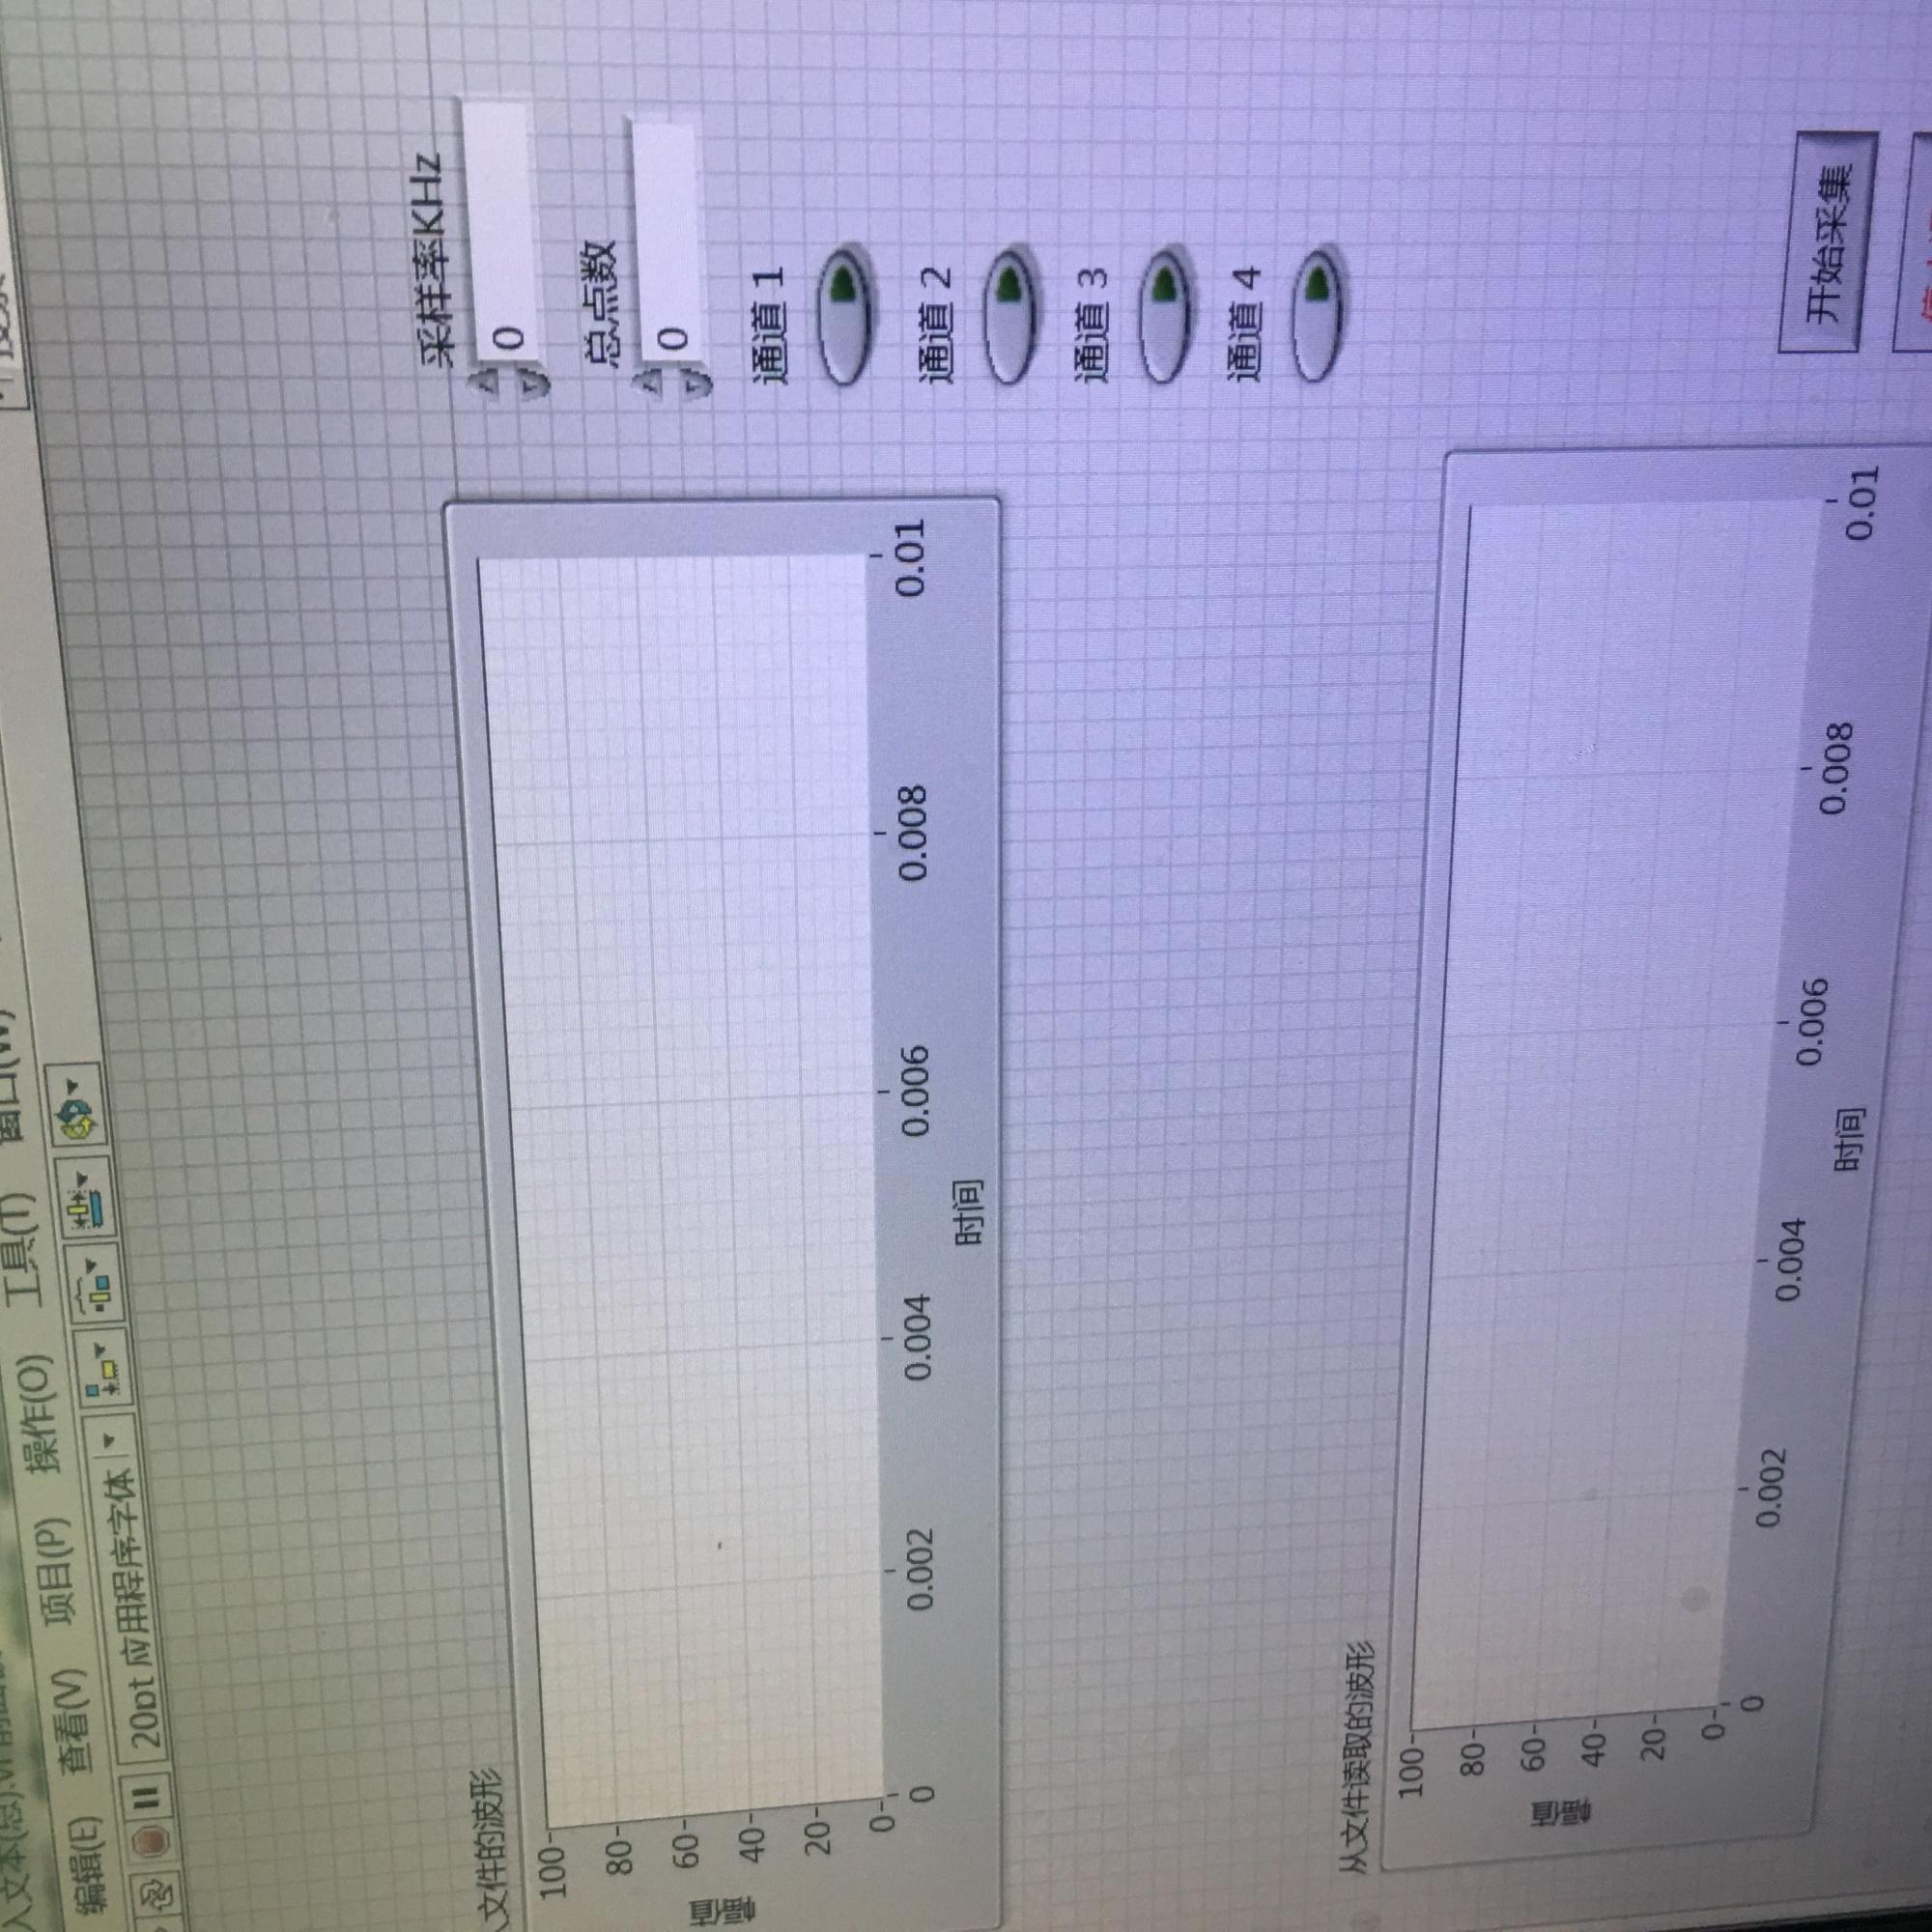 [求助]多组波形数据存储的问题。